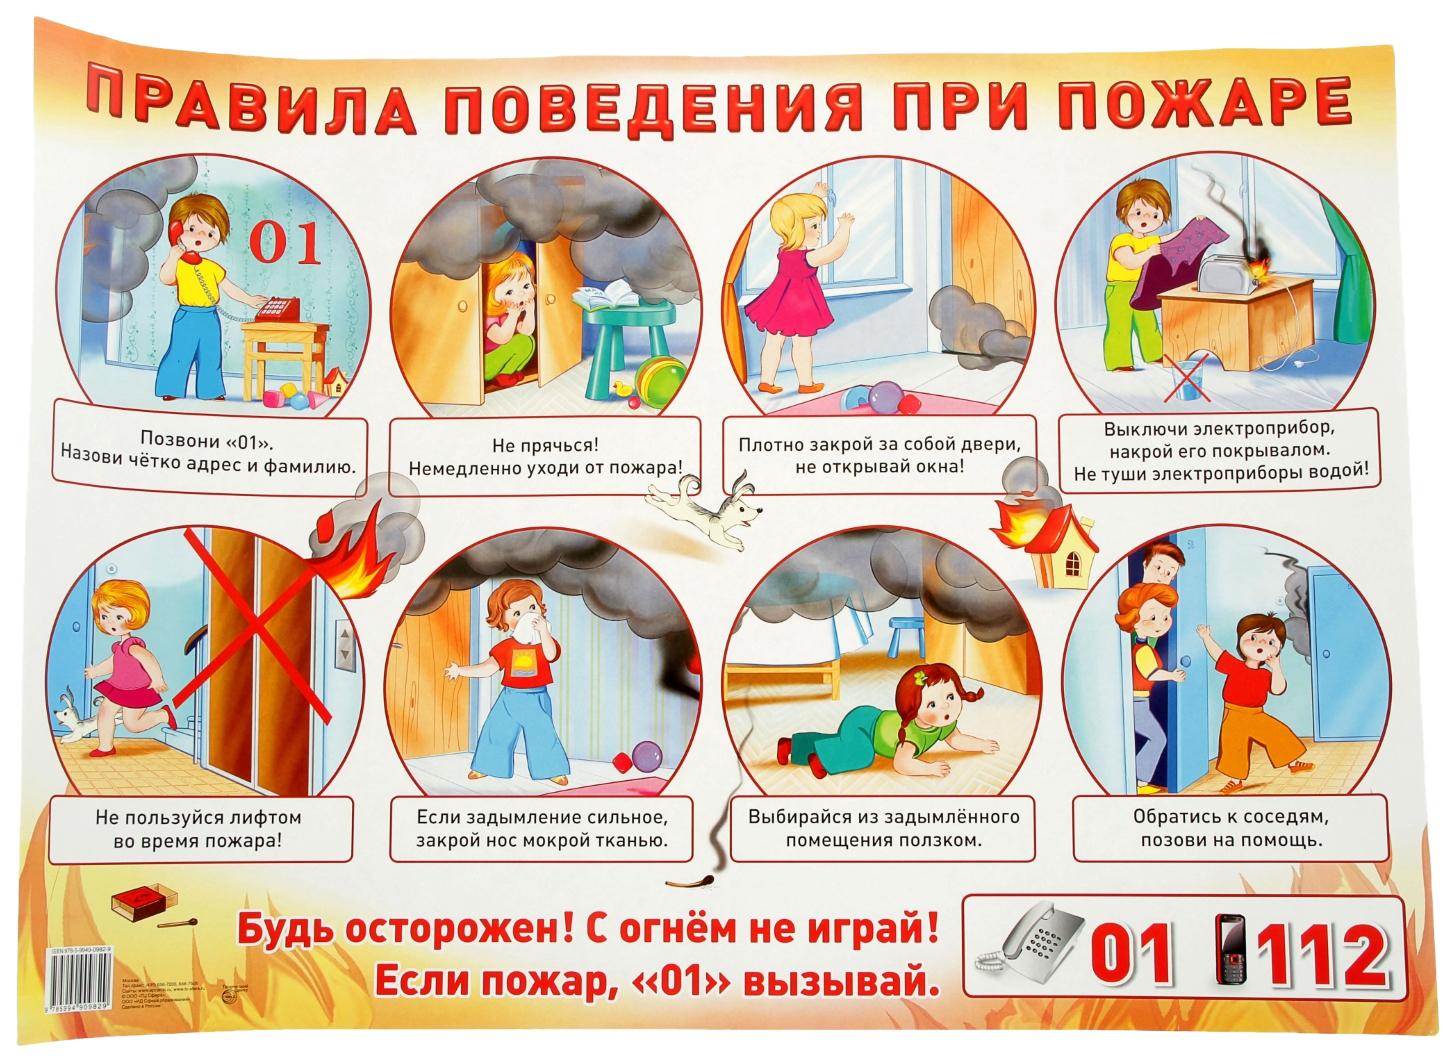 Правило поведения детей в картинках